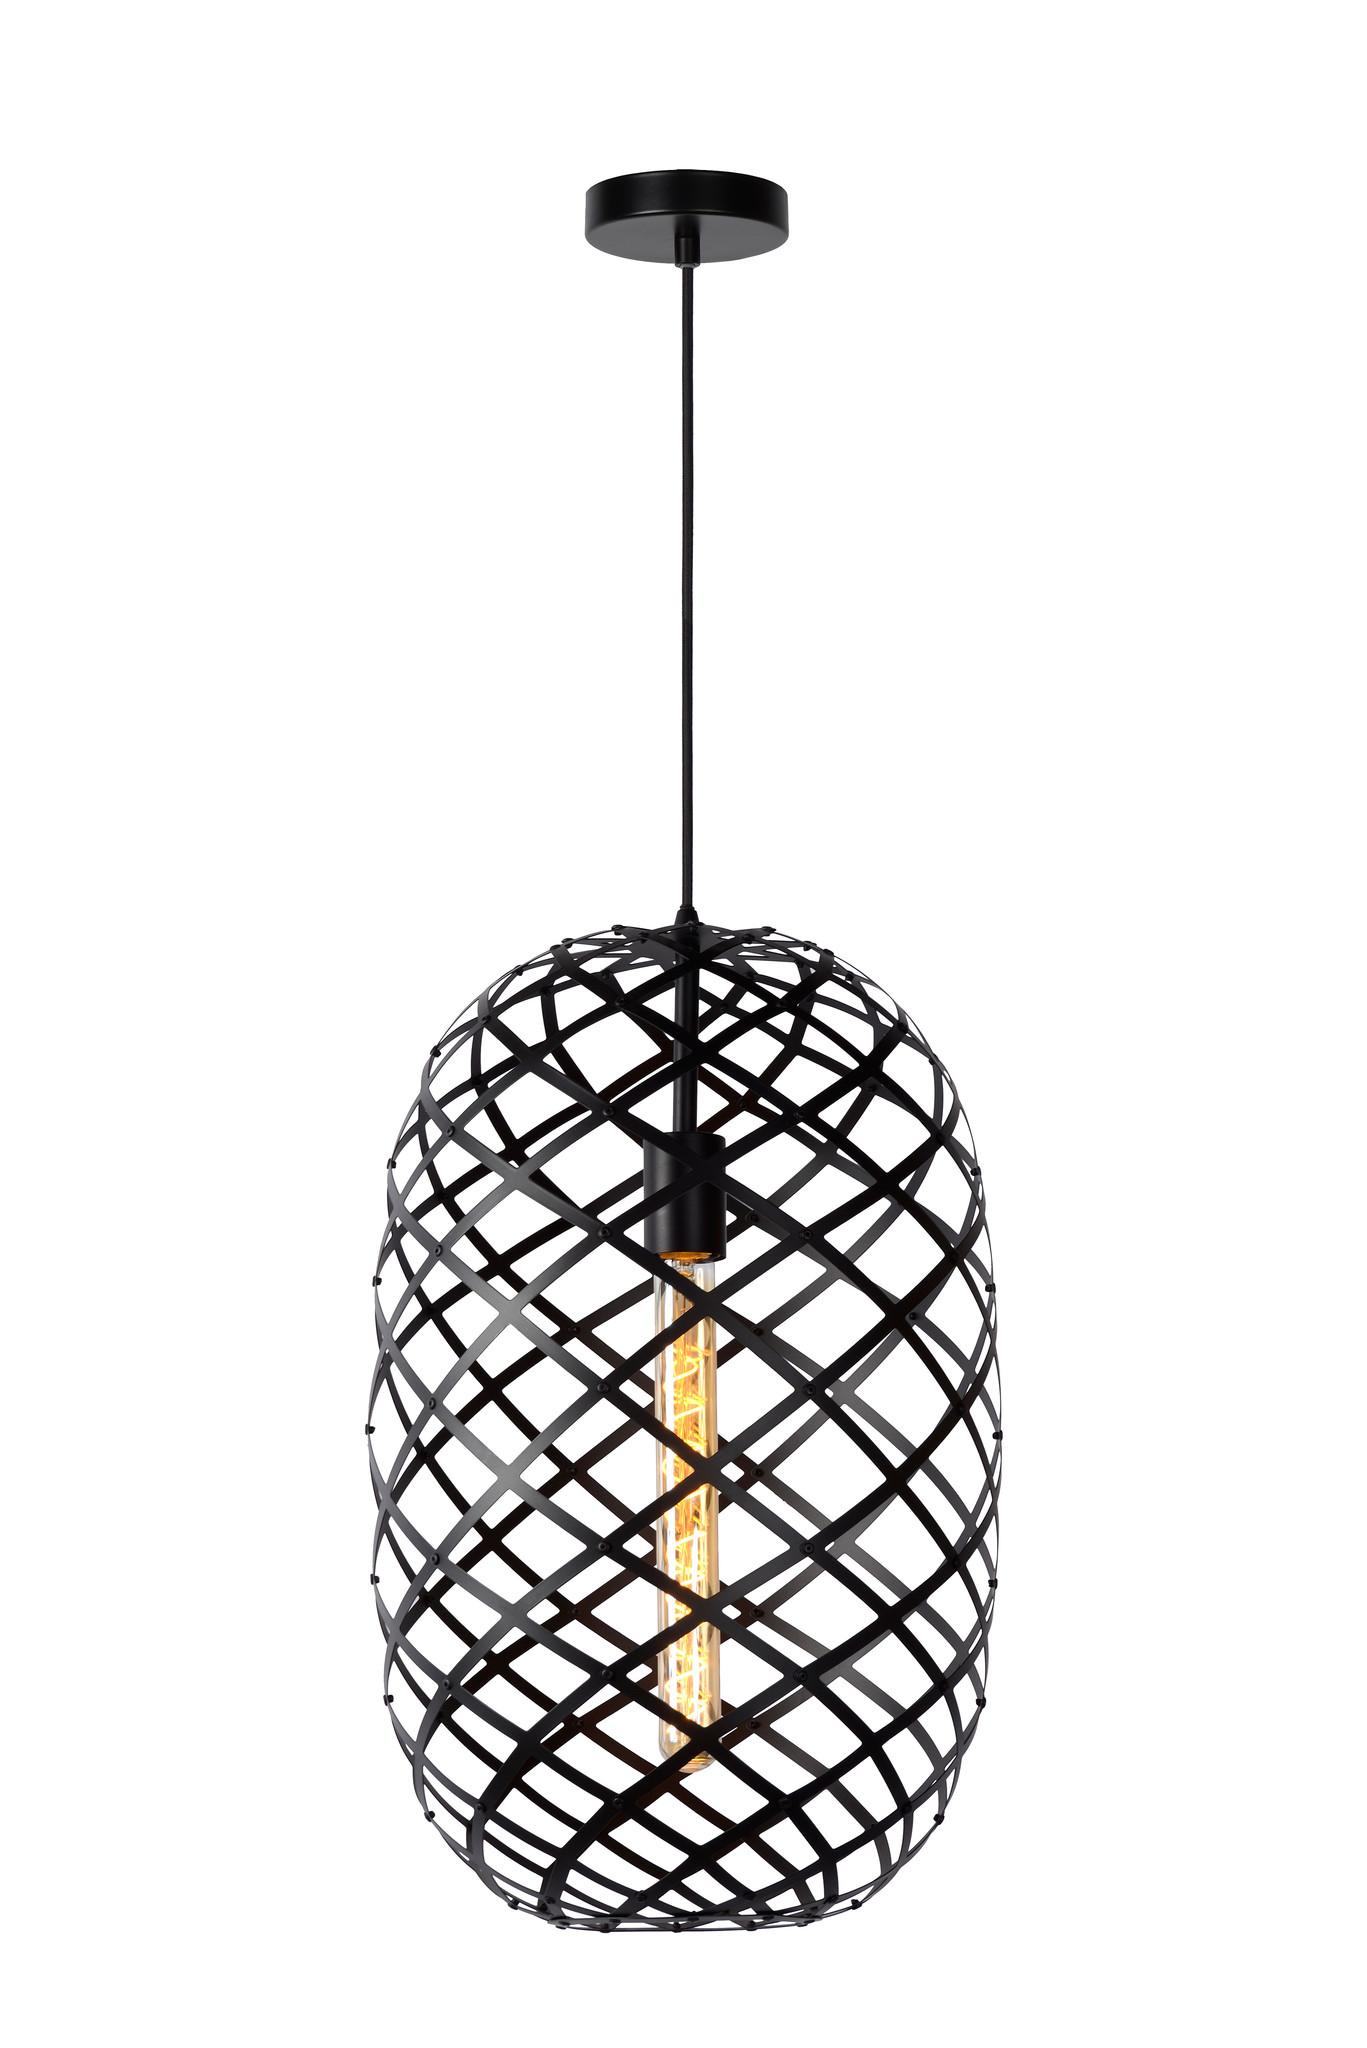 Lucide WOLFRAM Hanglamp-Zwart-Ø32-1xE27-60W-Metaal